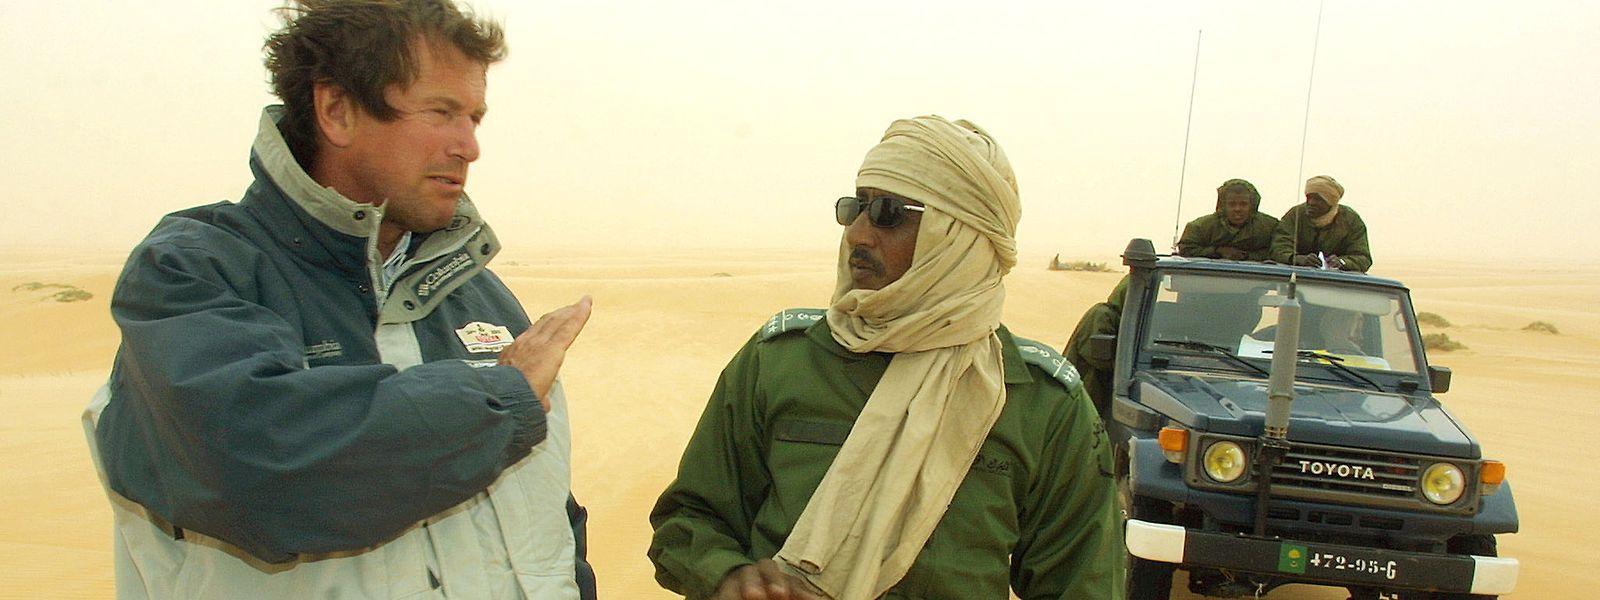 Auriol im Jahr 2002 in Mauretanien.